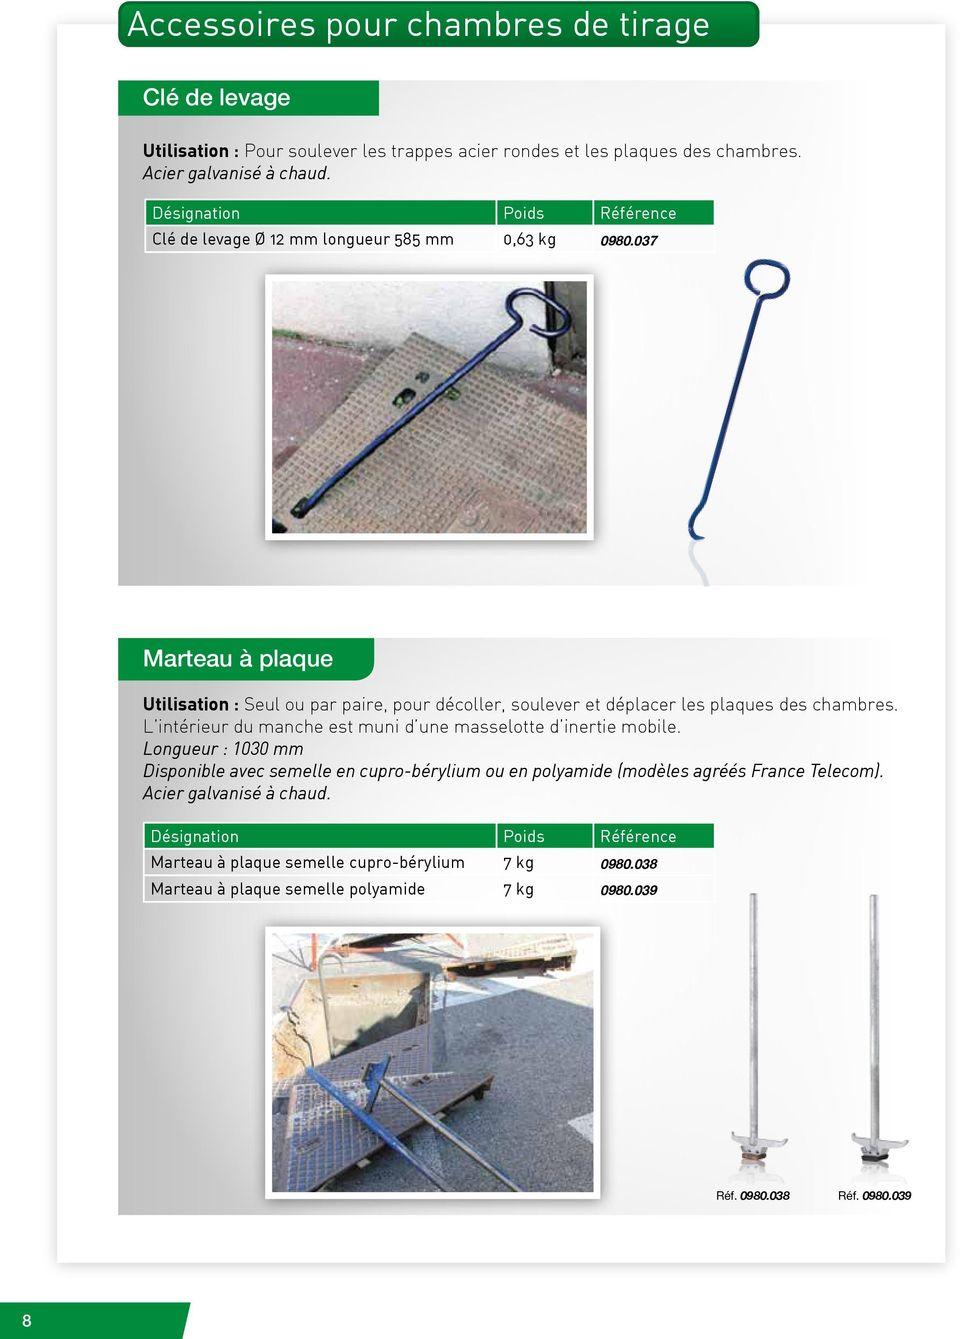 CHAMBRES DE TIRAGE ET ACCESSOIRES  PDF